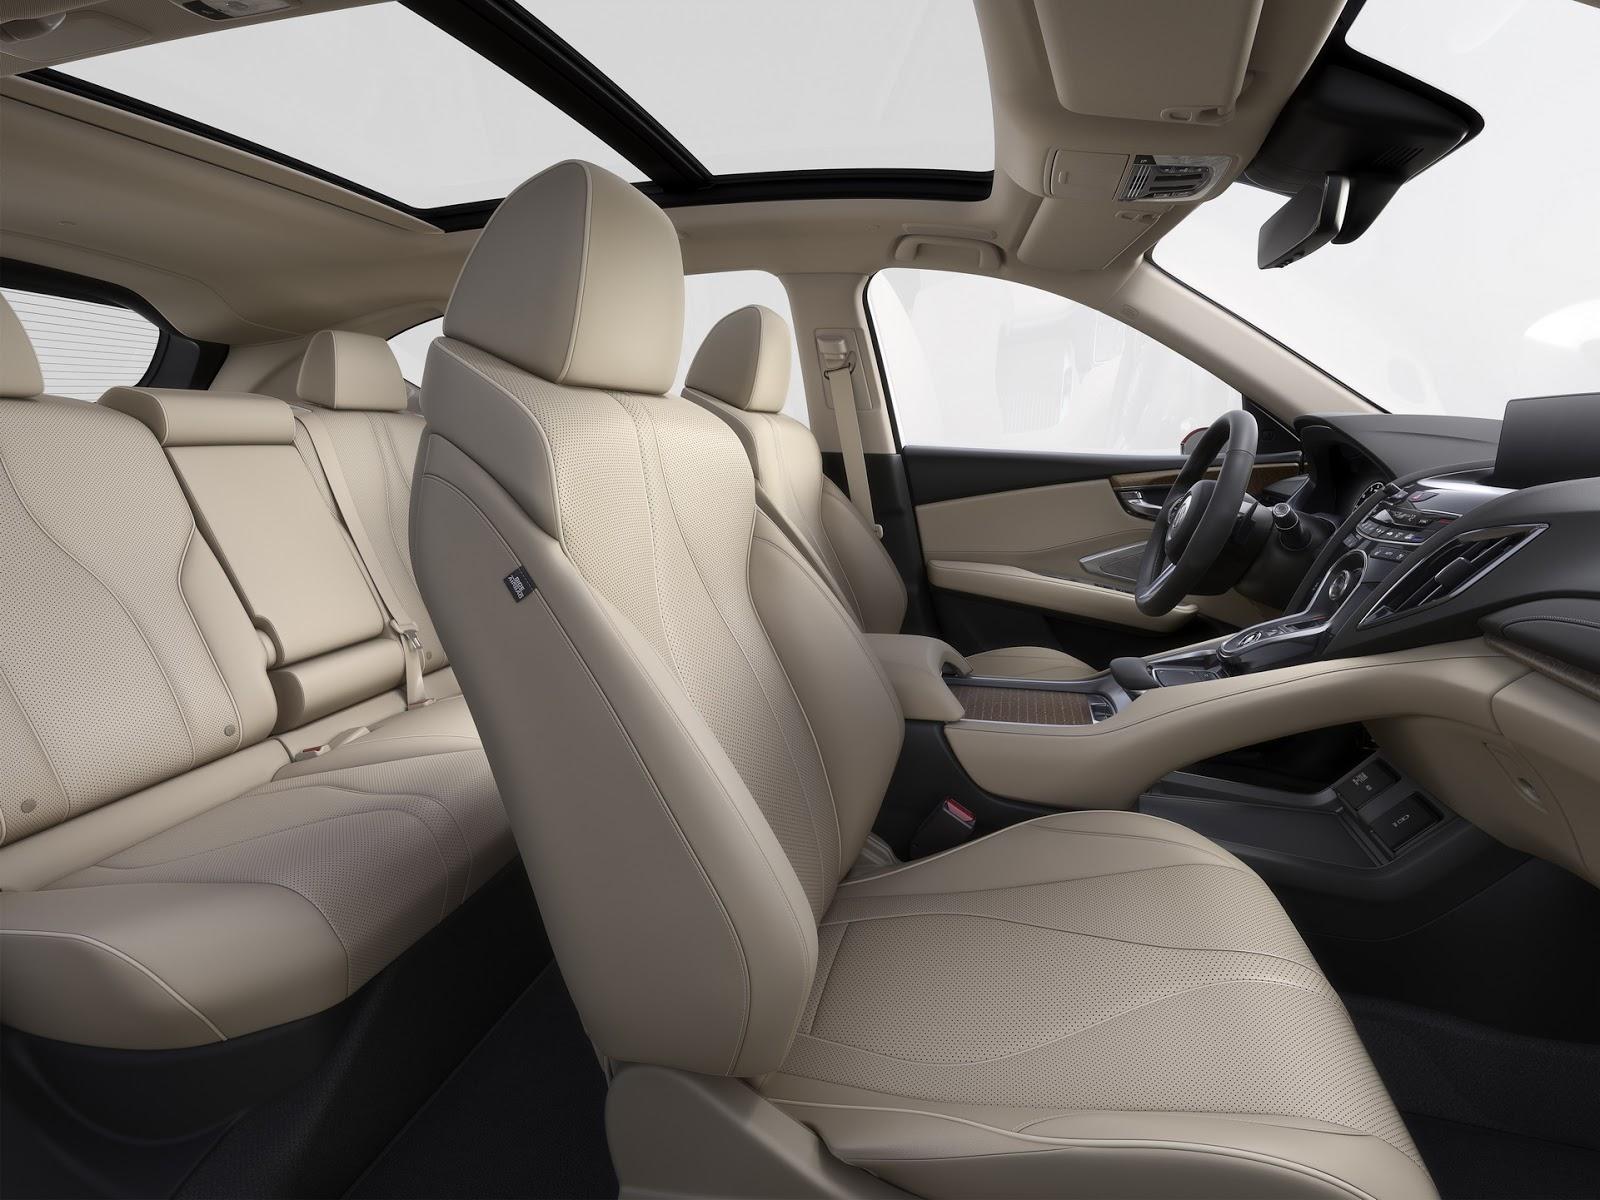 2019-Acura-RDX-12.jpg